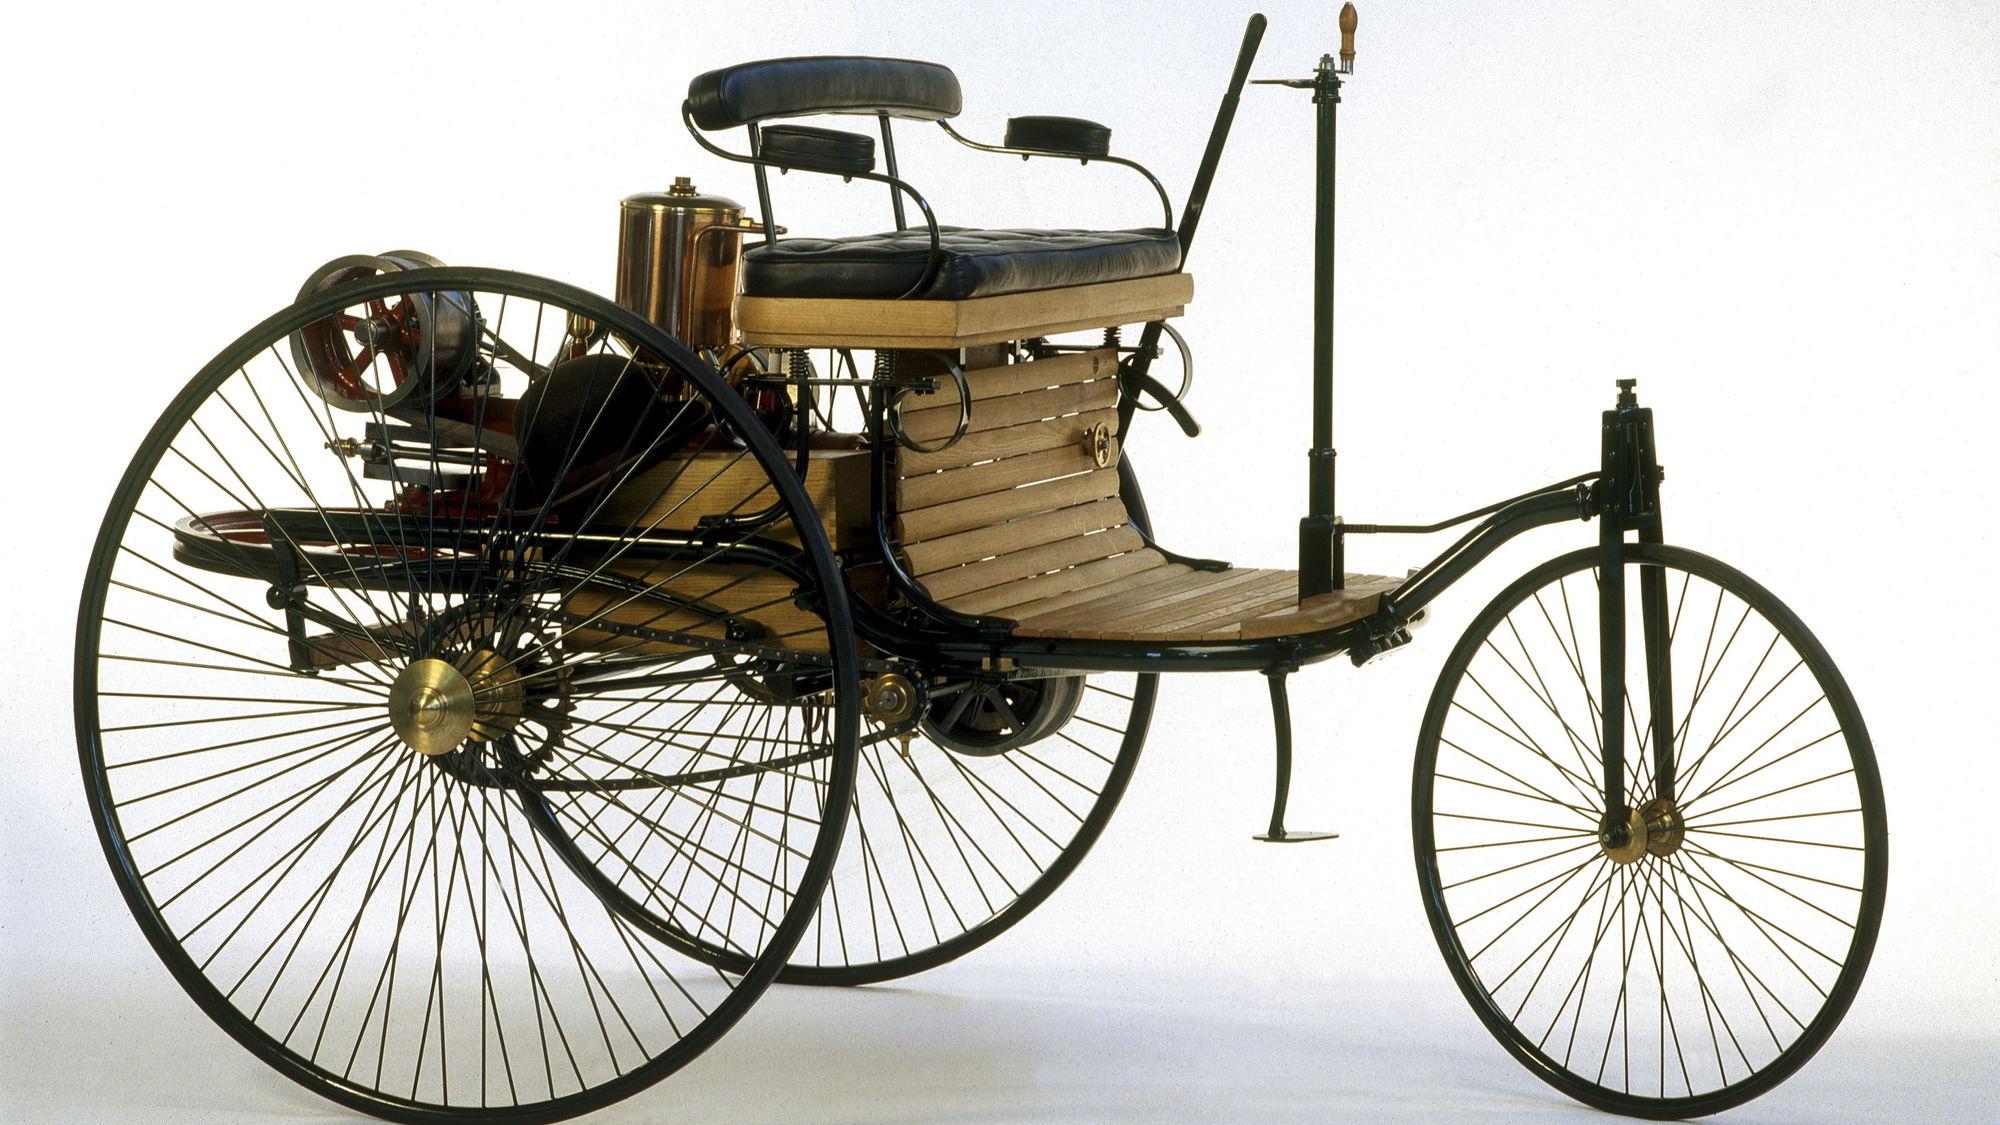 Benz Patent Motorwagen replica